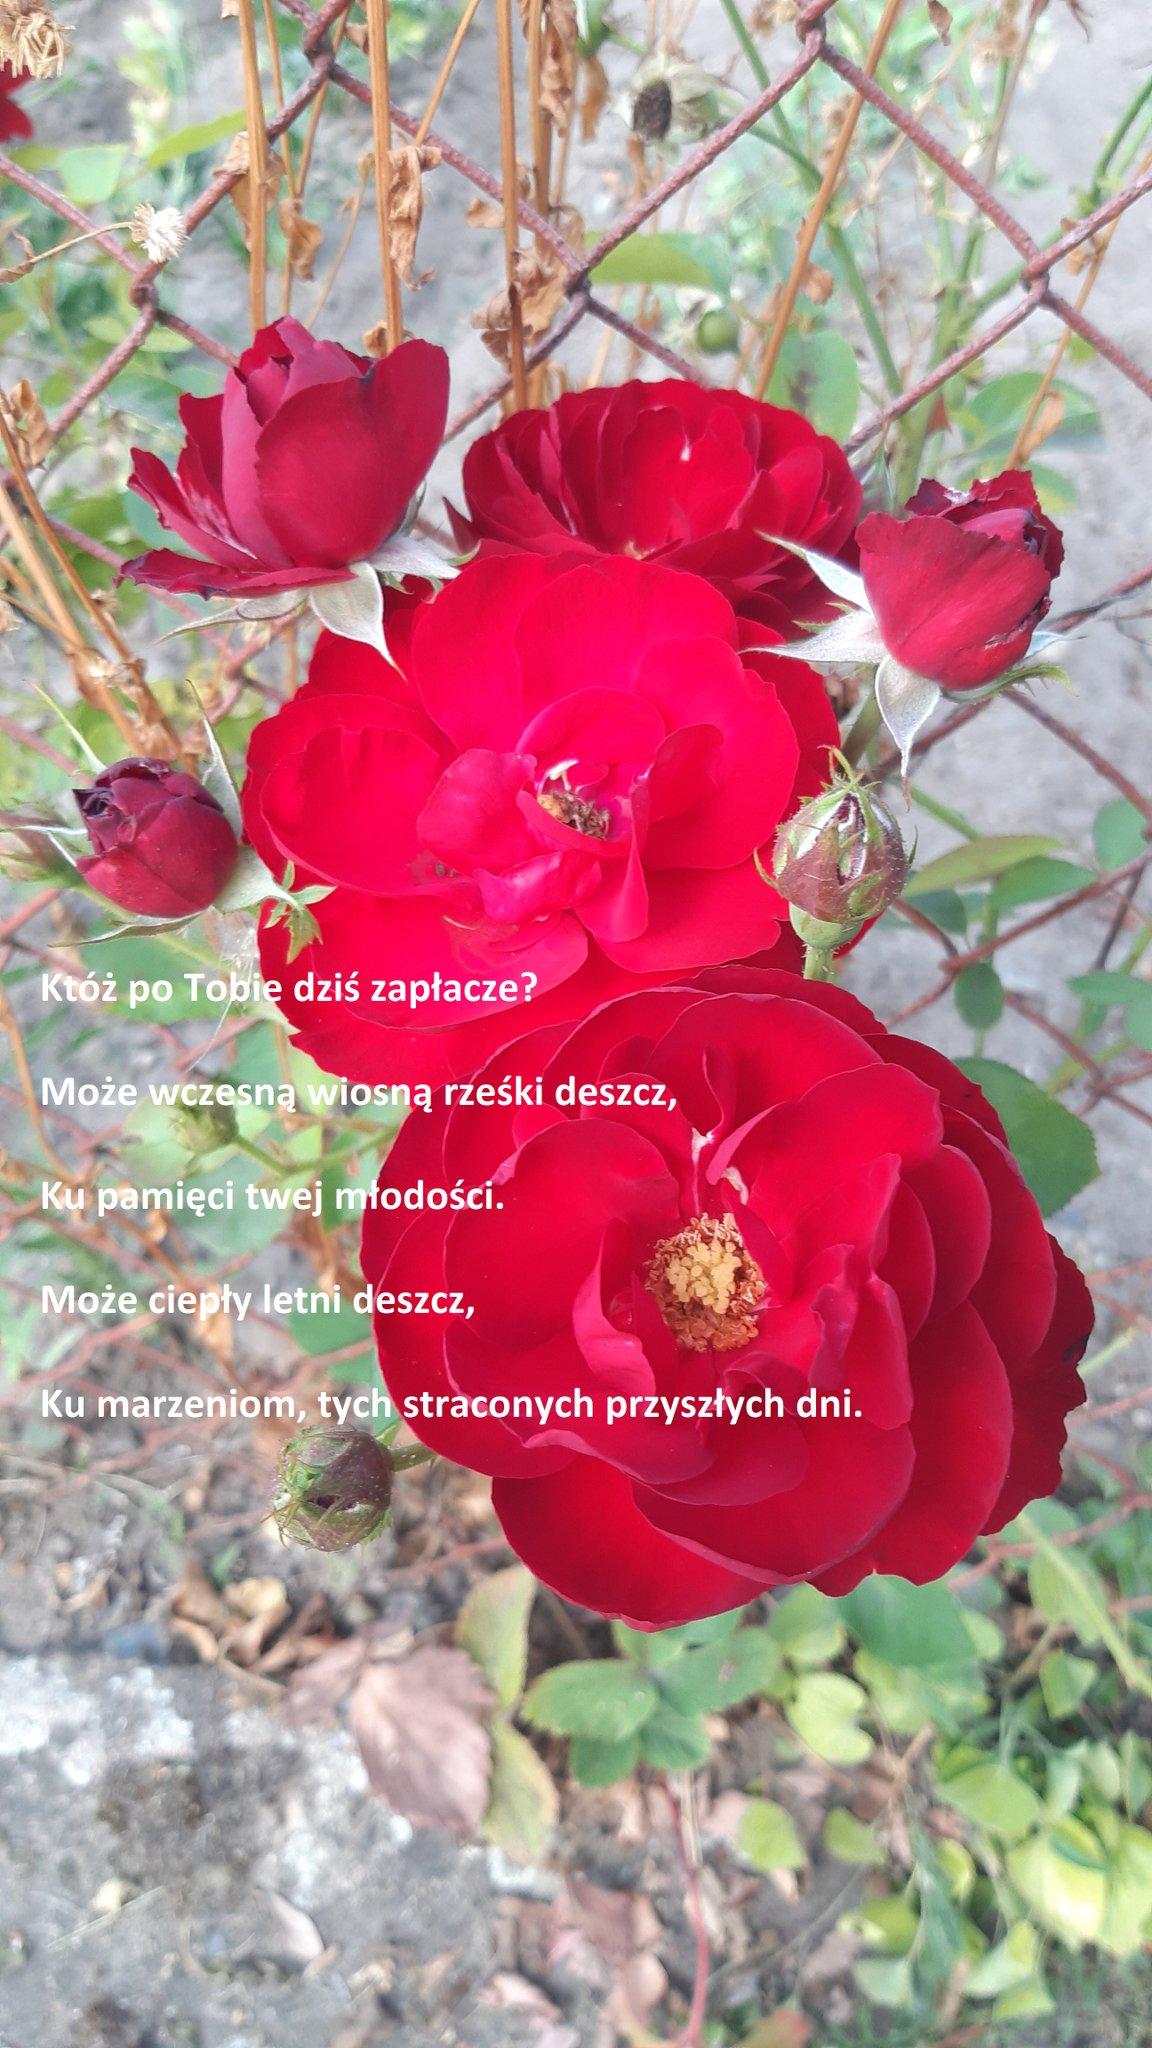 Natalia Bajor On Twitter New Poem Pl Nataliabajor